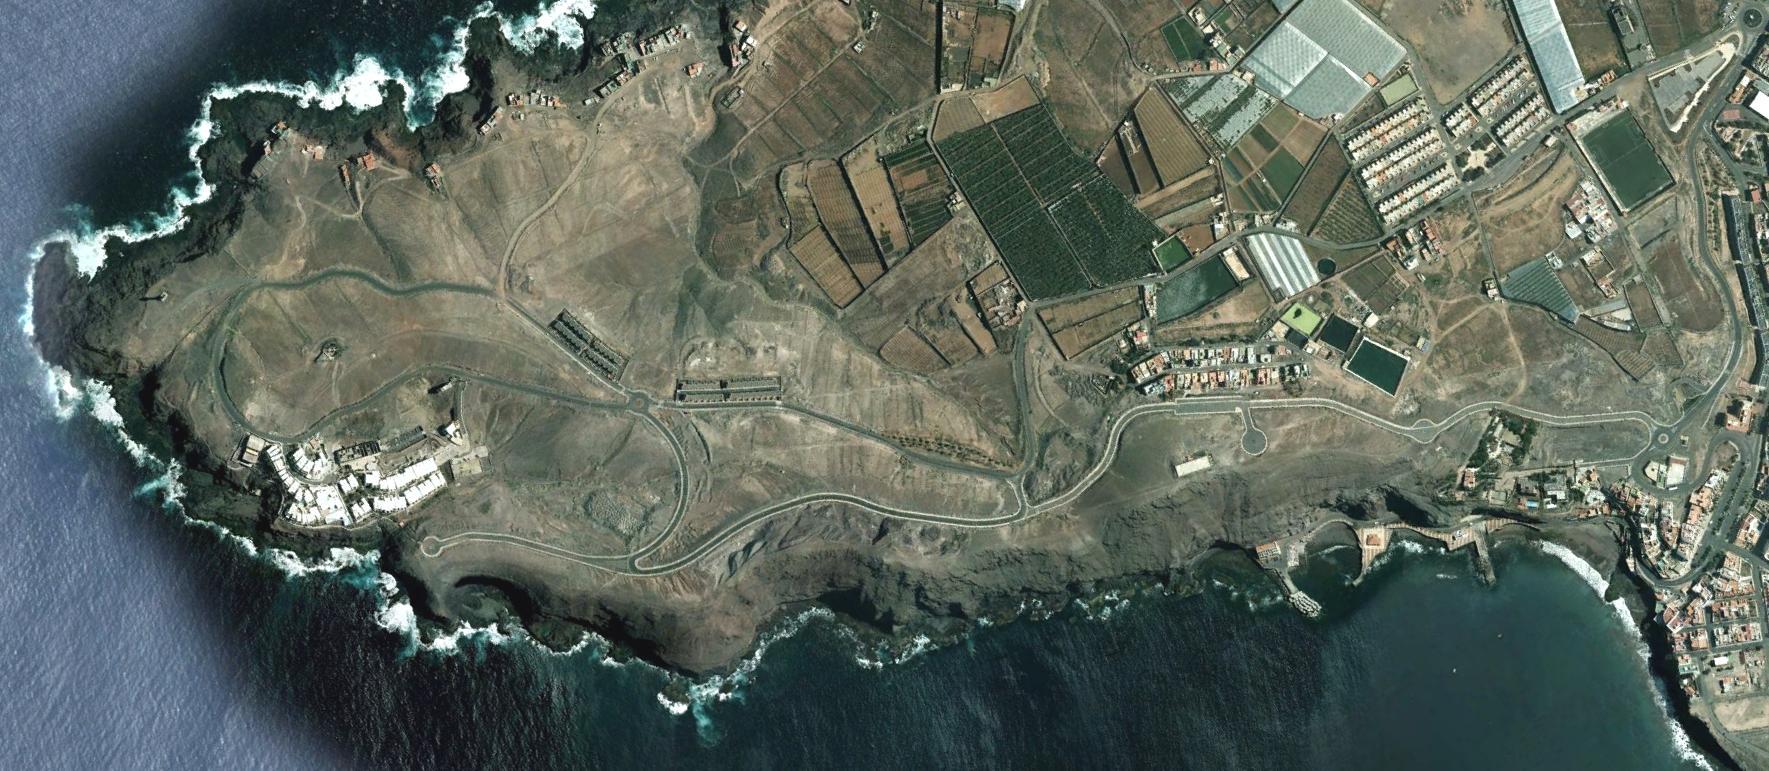 sardina, gran canaria, las palmas, dotty, después, urbanismo, planeamiento, urbano, desastre, urbanístico, construcción, rotondas, carretera